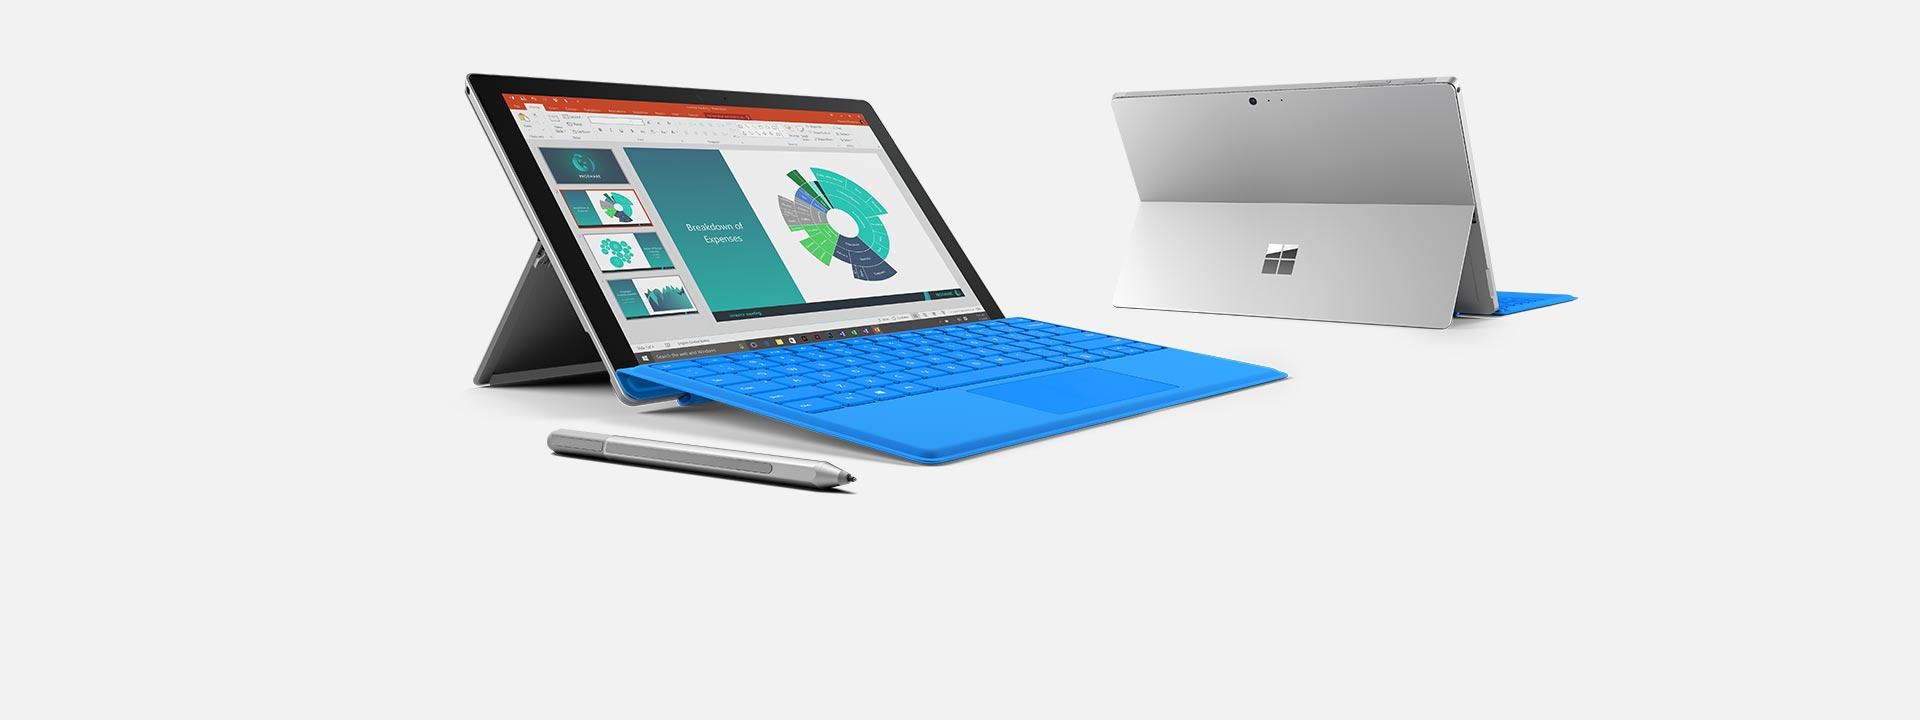 Ta reda på mer om Surface Pro 4-enheterna